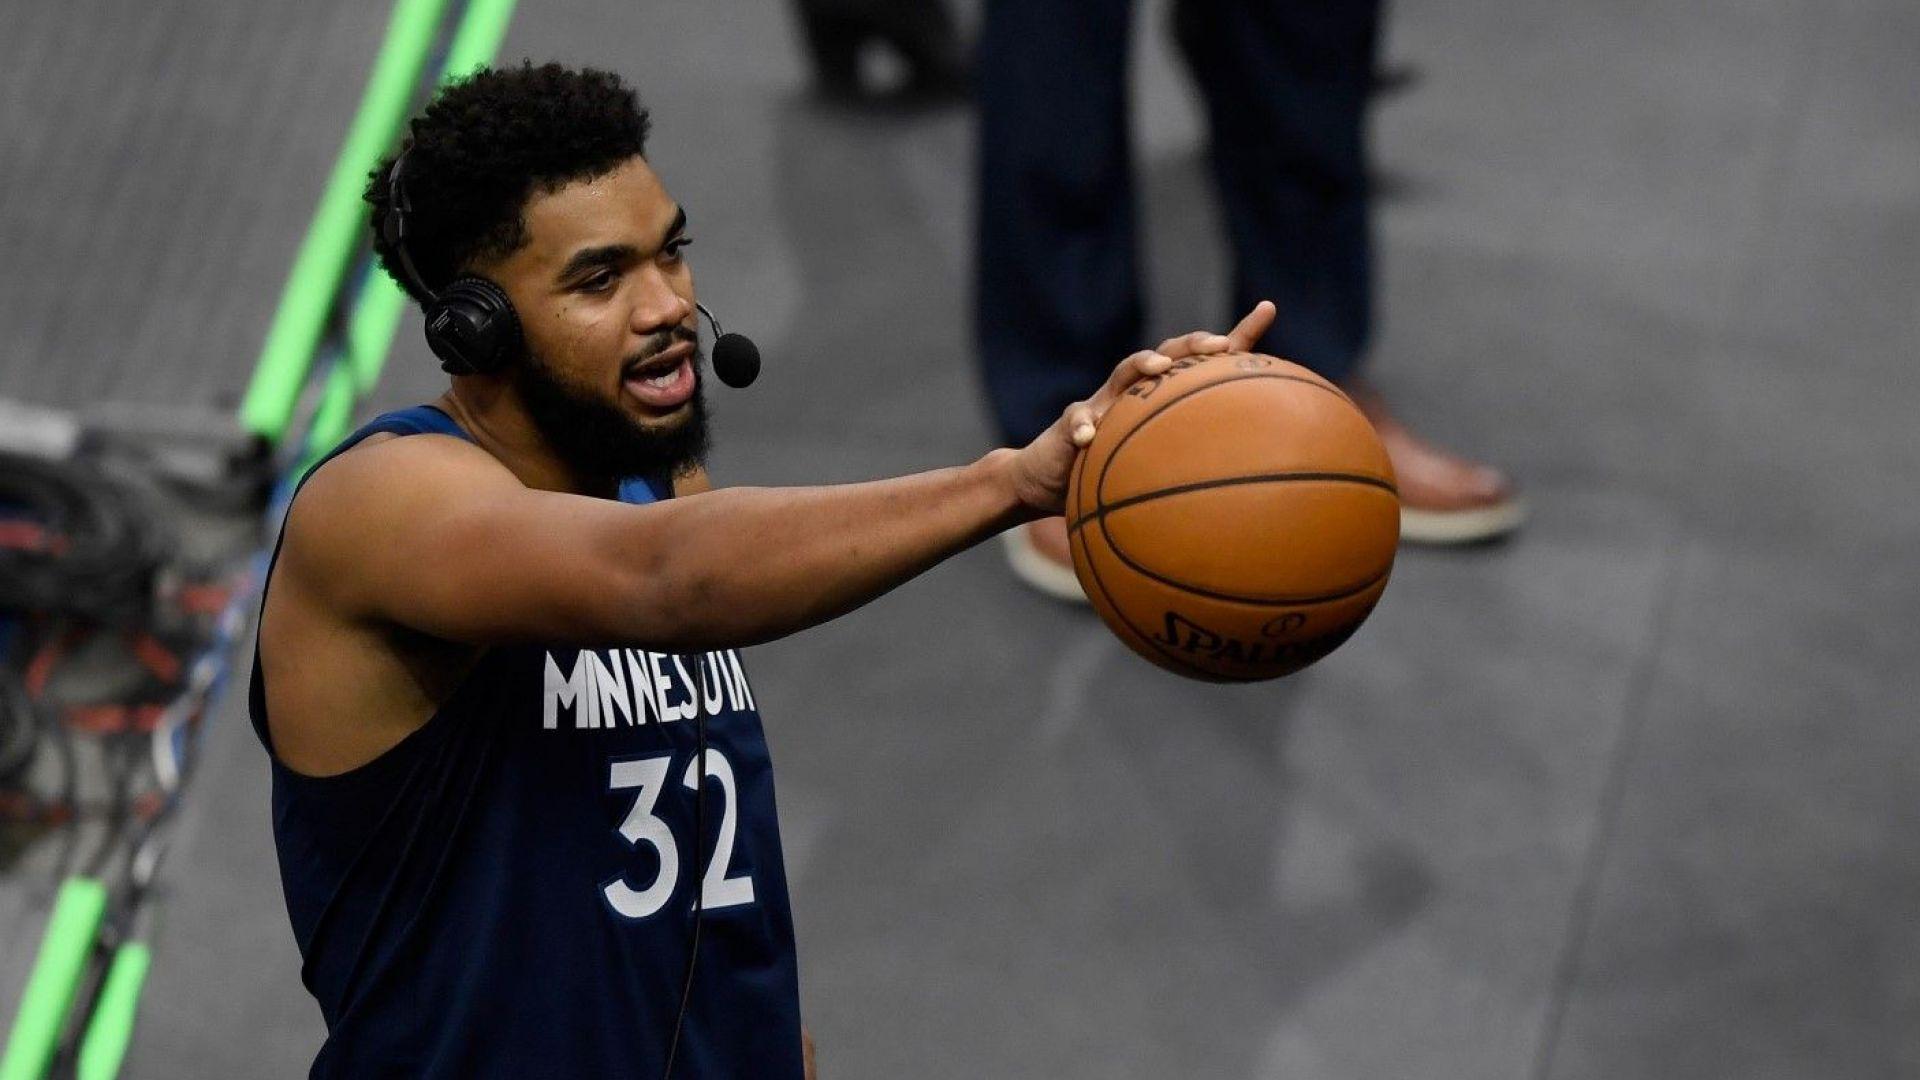 Играч от НБА втрещи с изказване след положителния си тест за коронавирус